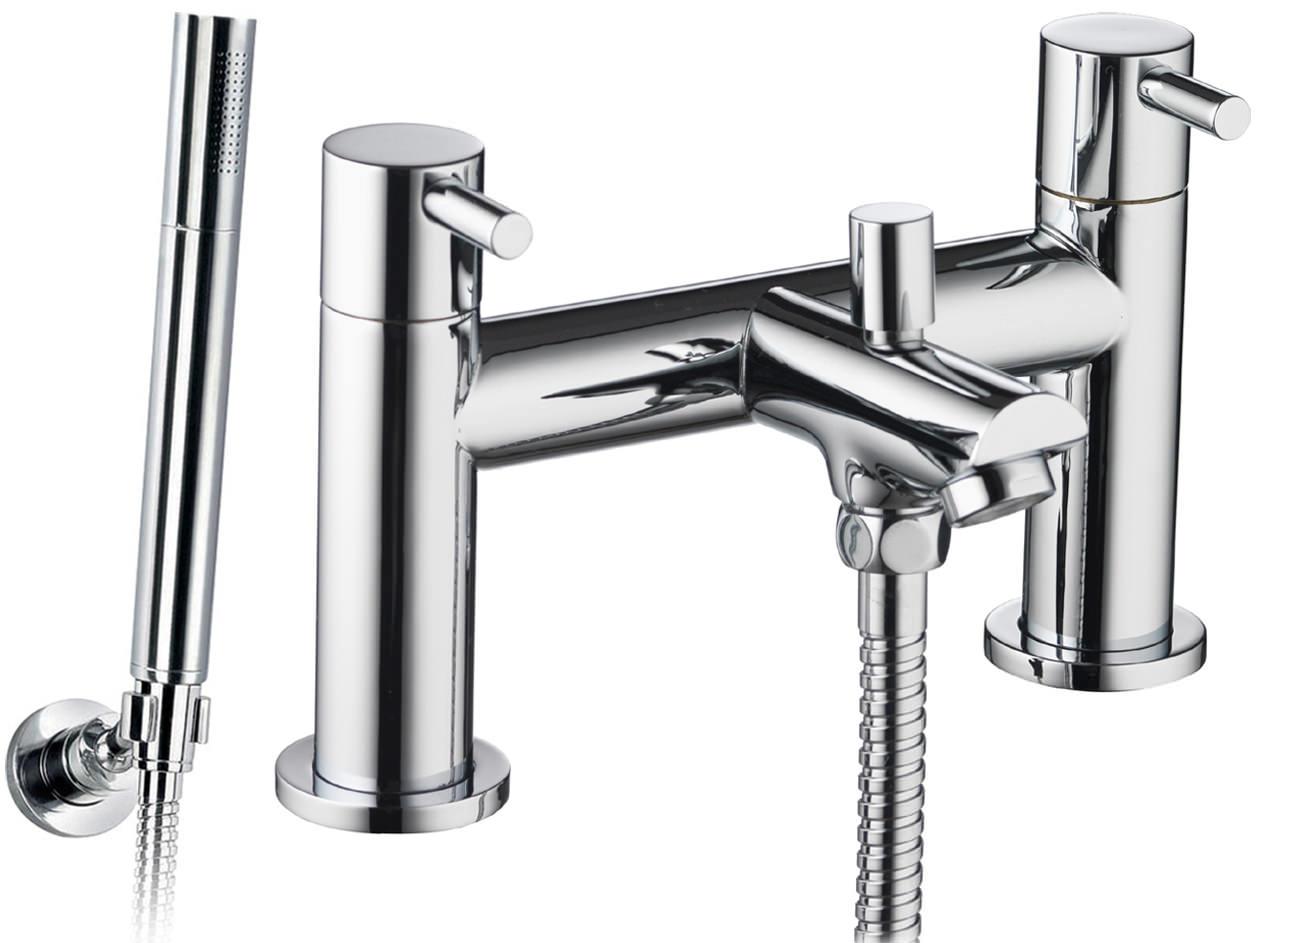 pura ivo bath shower mixer tap with handset and hose ivbsm. Black Bedroom Furniture Sets. Home Design Ideas